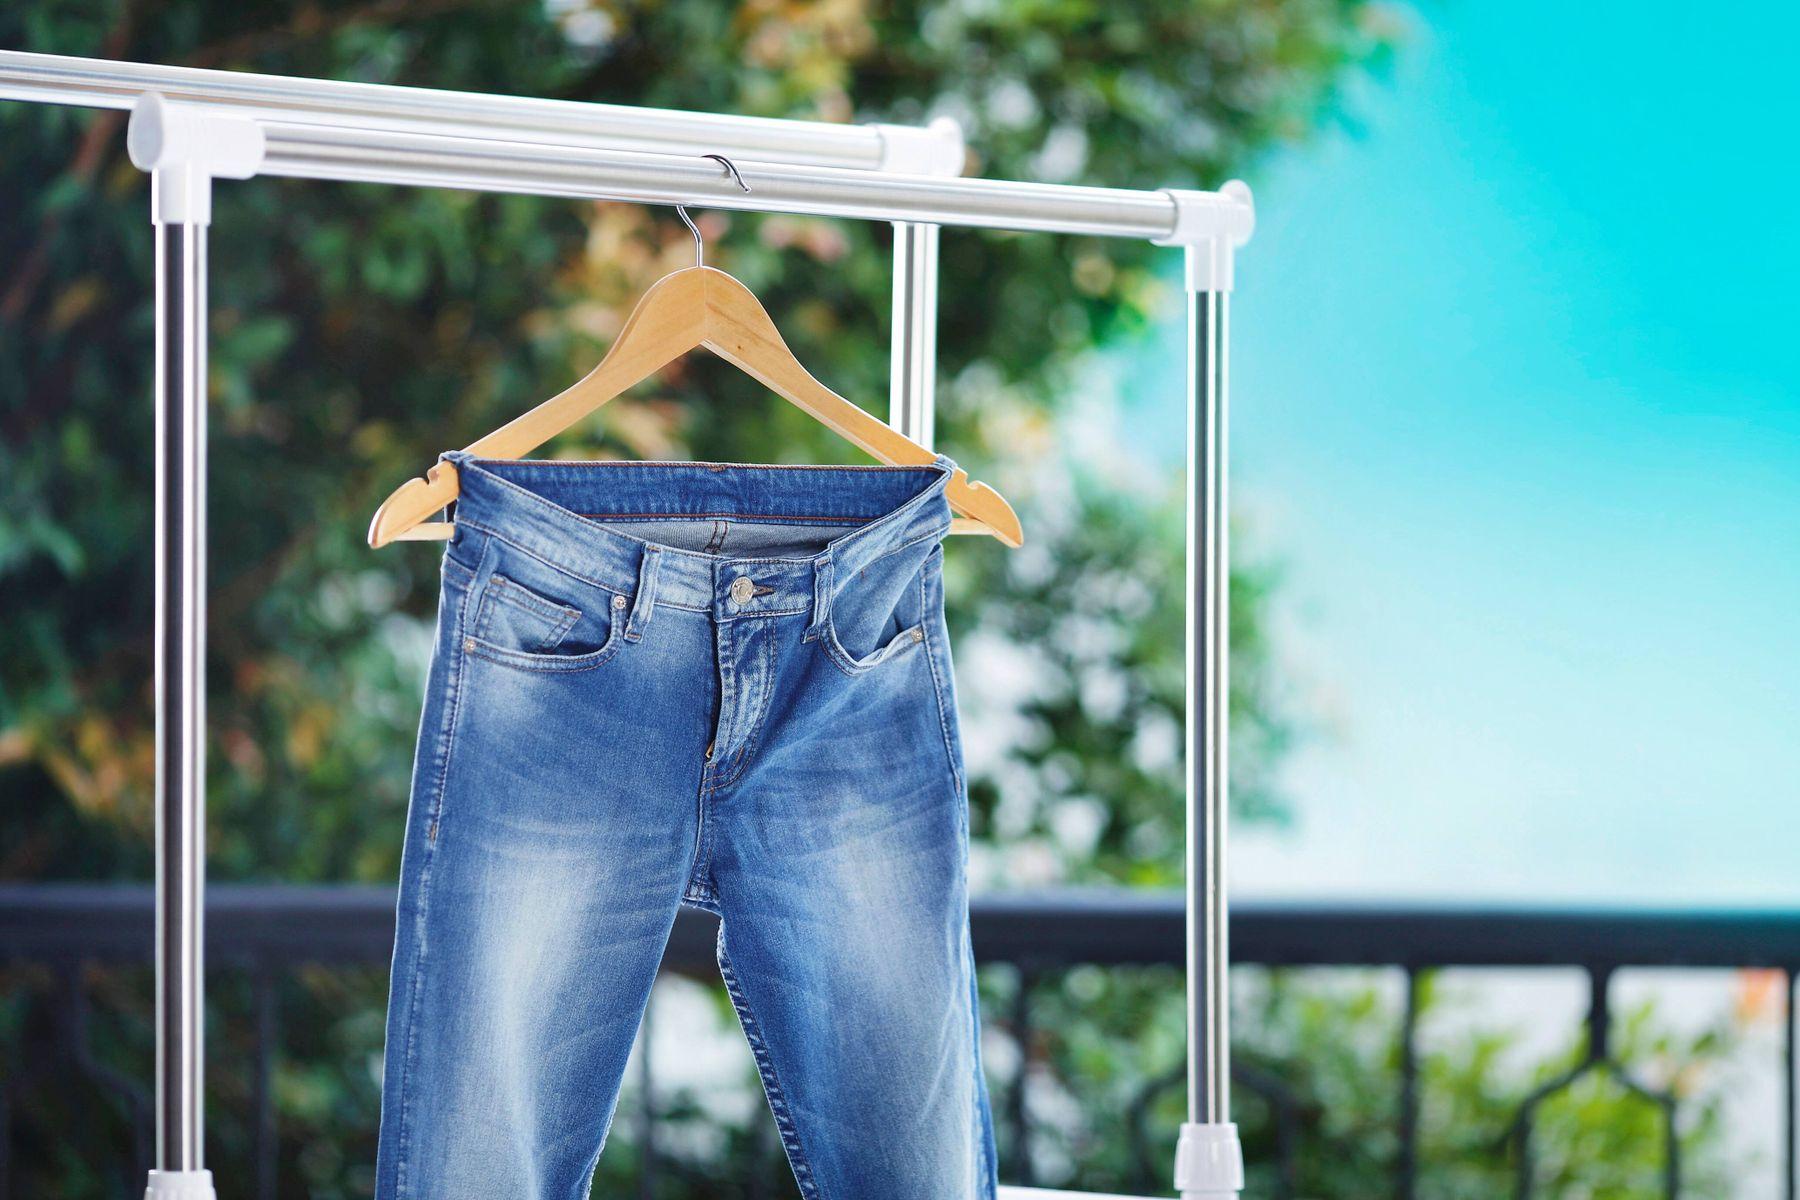 Quần jeans đen bạc màu thì phải làm sao?